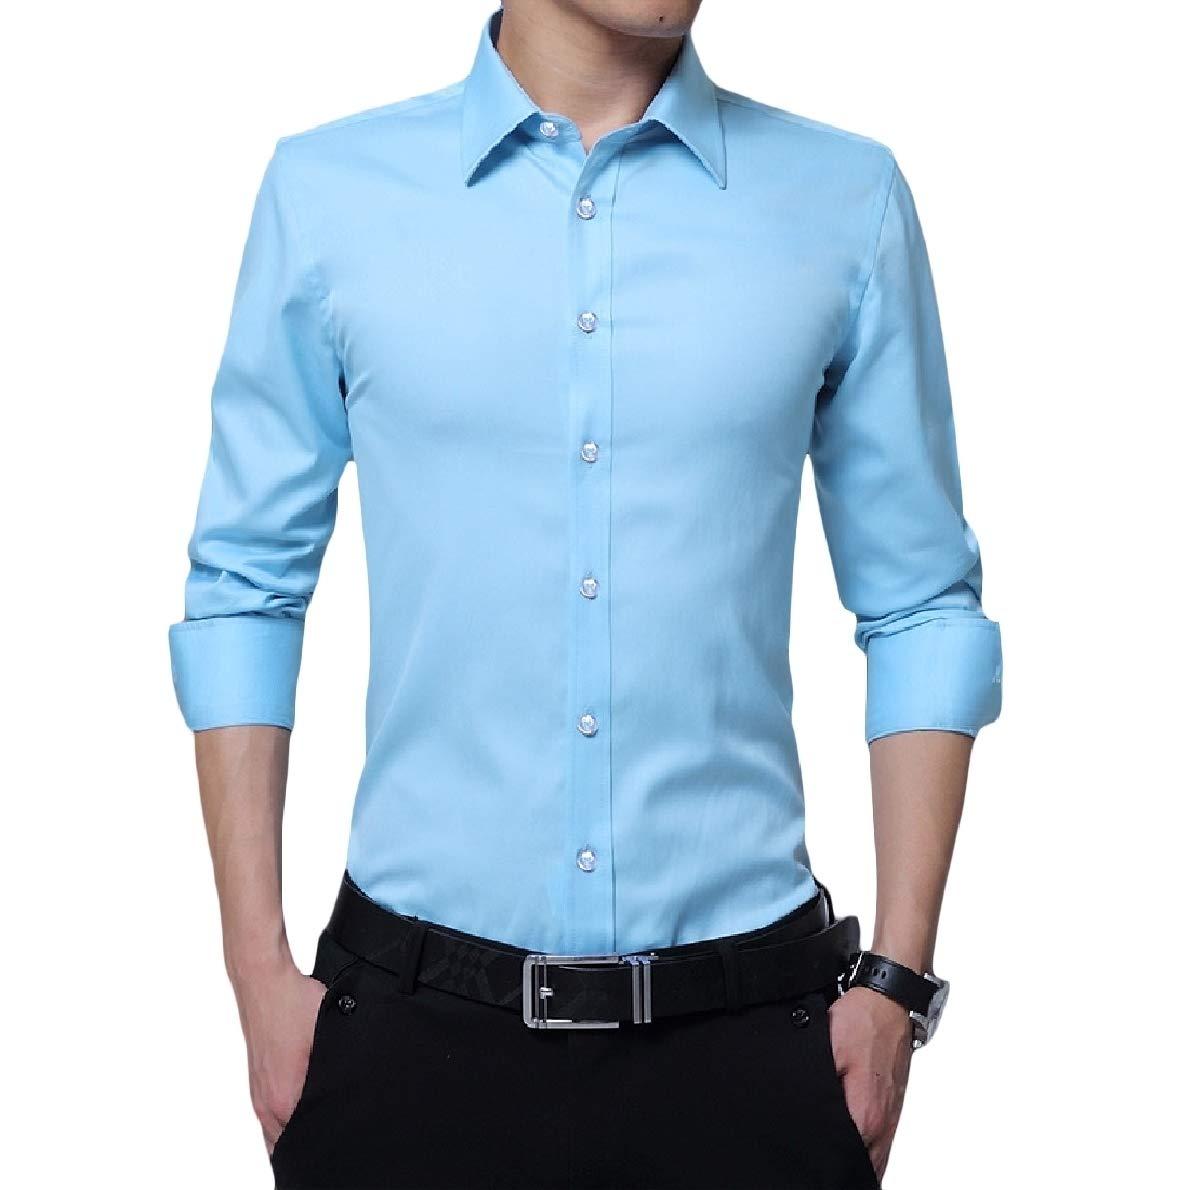 Winme Men's Long-Sleeve Slim Lapel Plus-Size Button Solid Tops Shirt